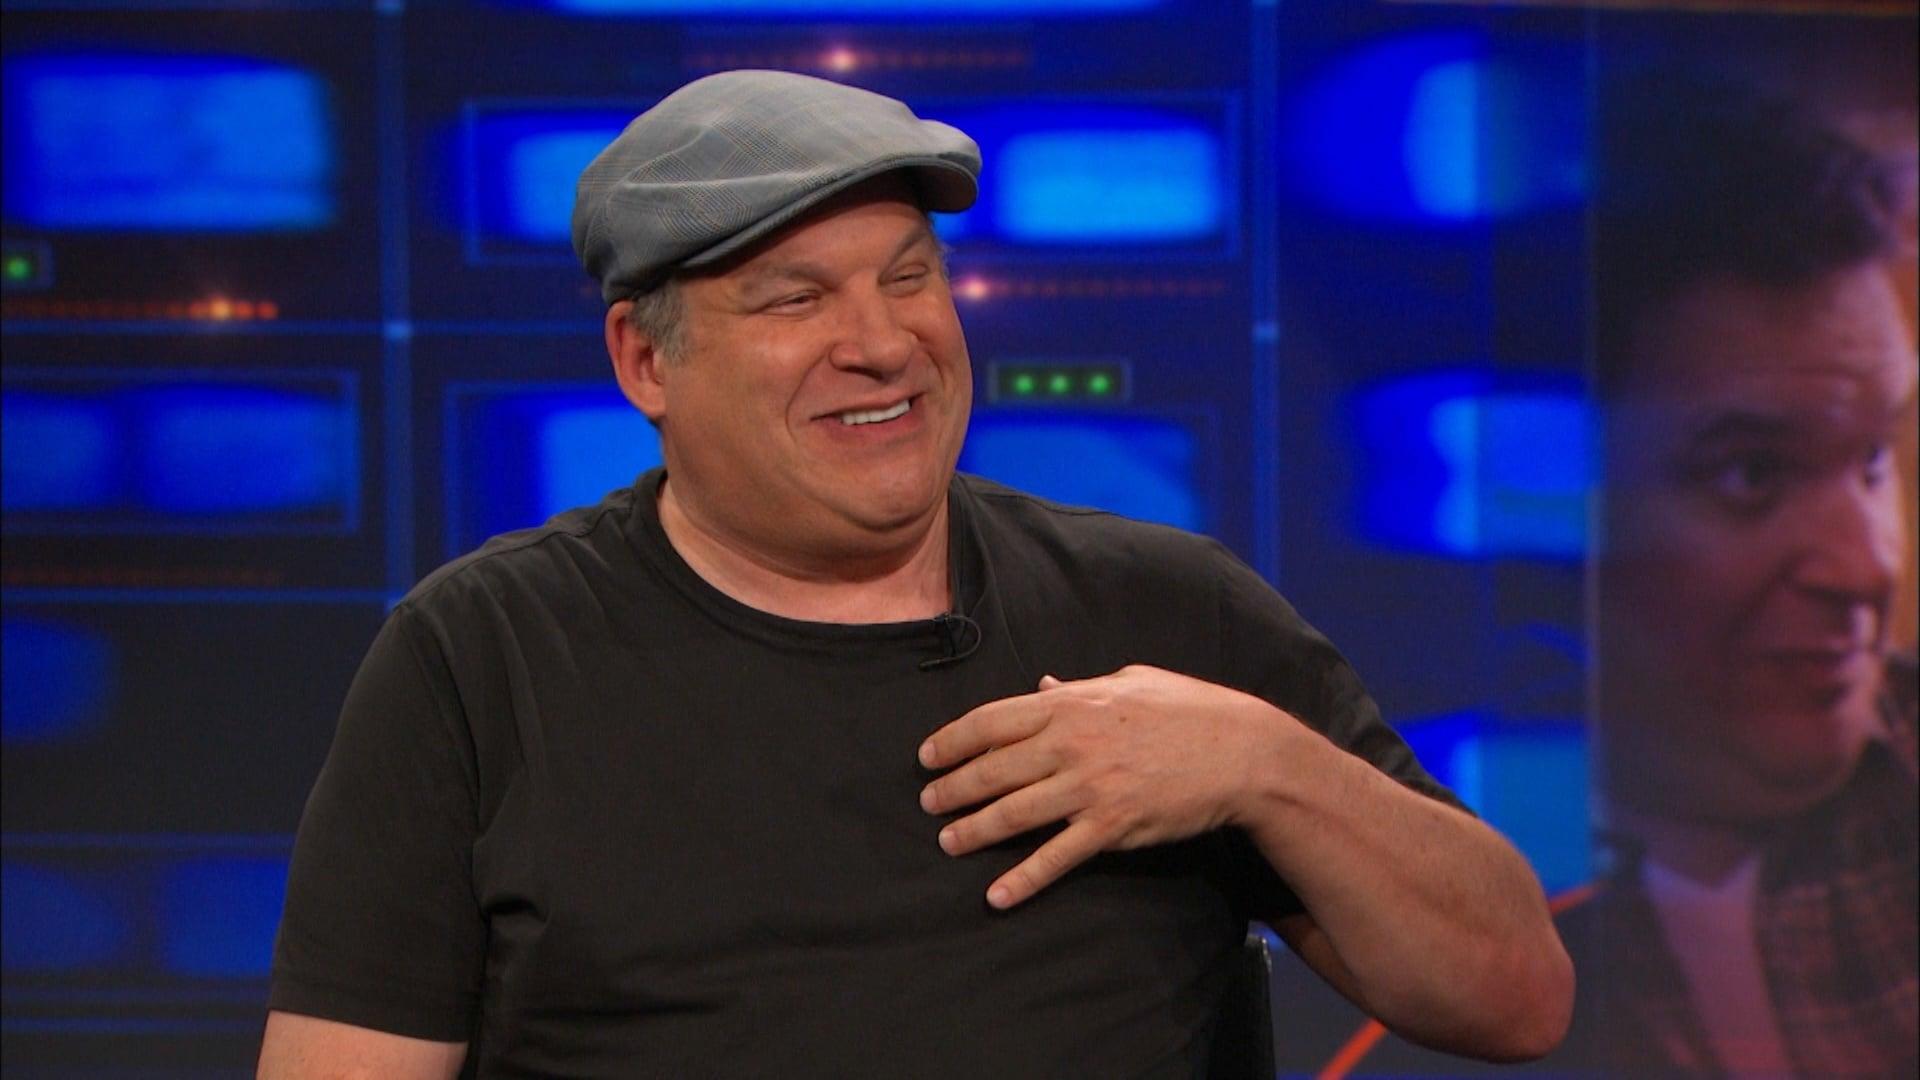 The Daily Show with Trevor Noah Season 20 :Episode 93  Jeff Garlin